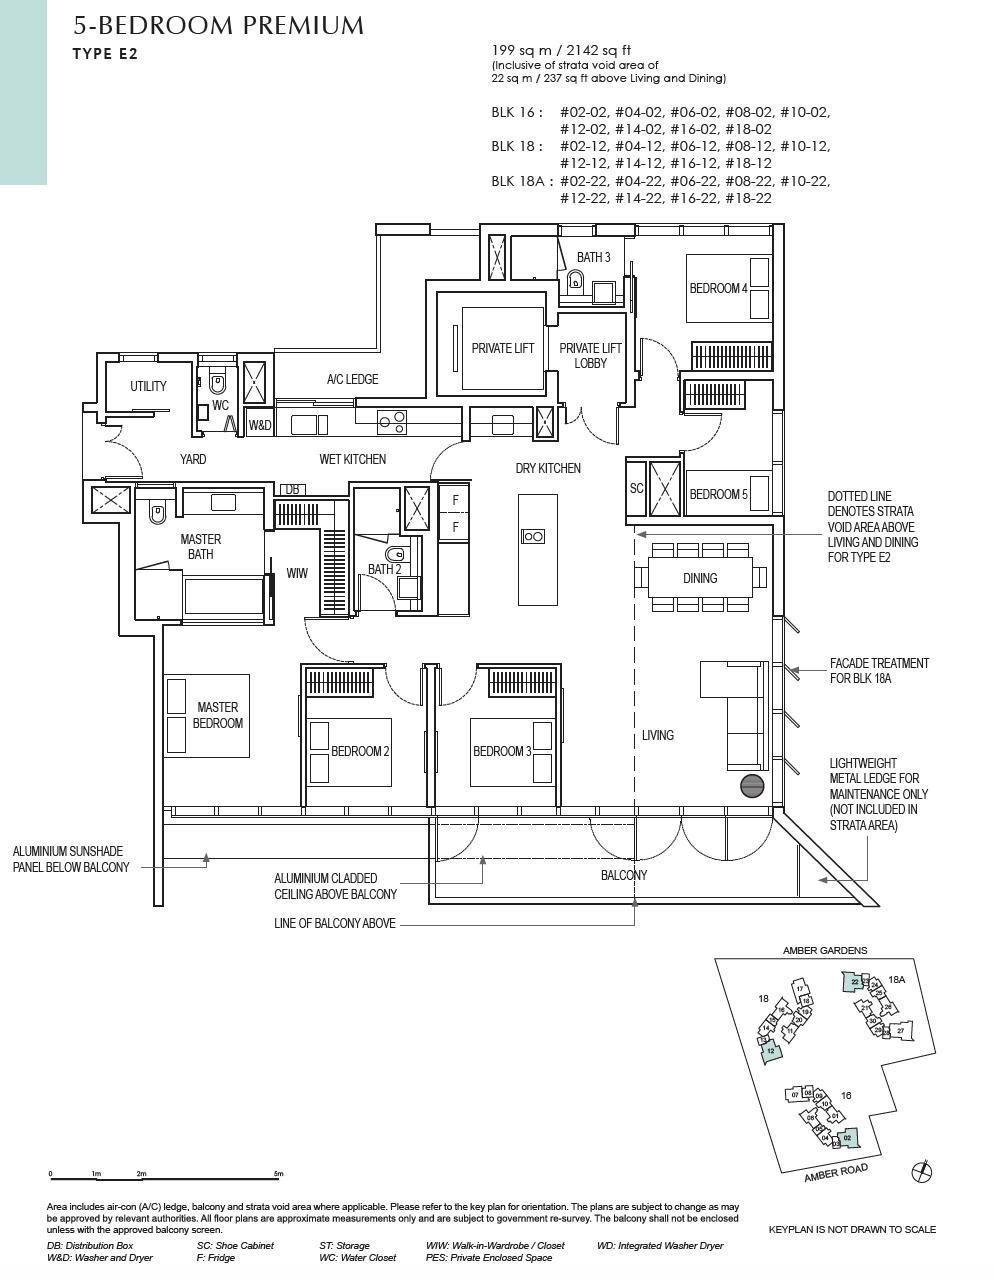 Amber-Park-5-bedroom-floor-plan